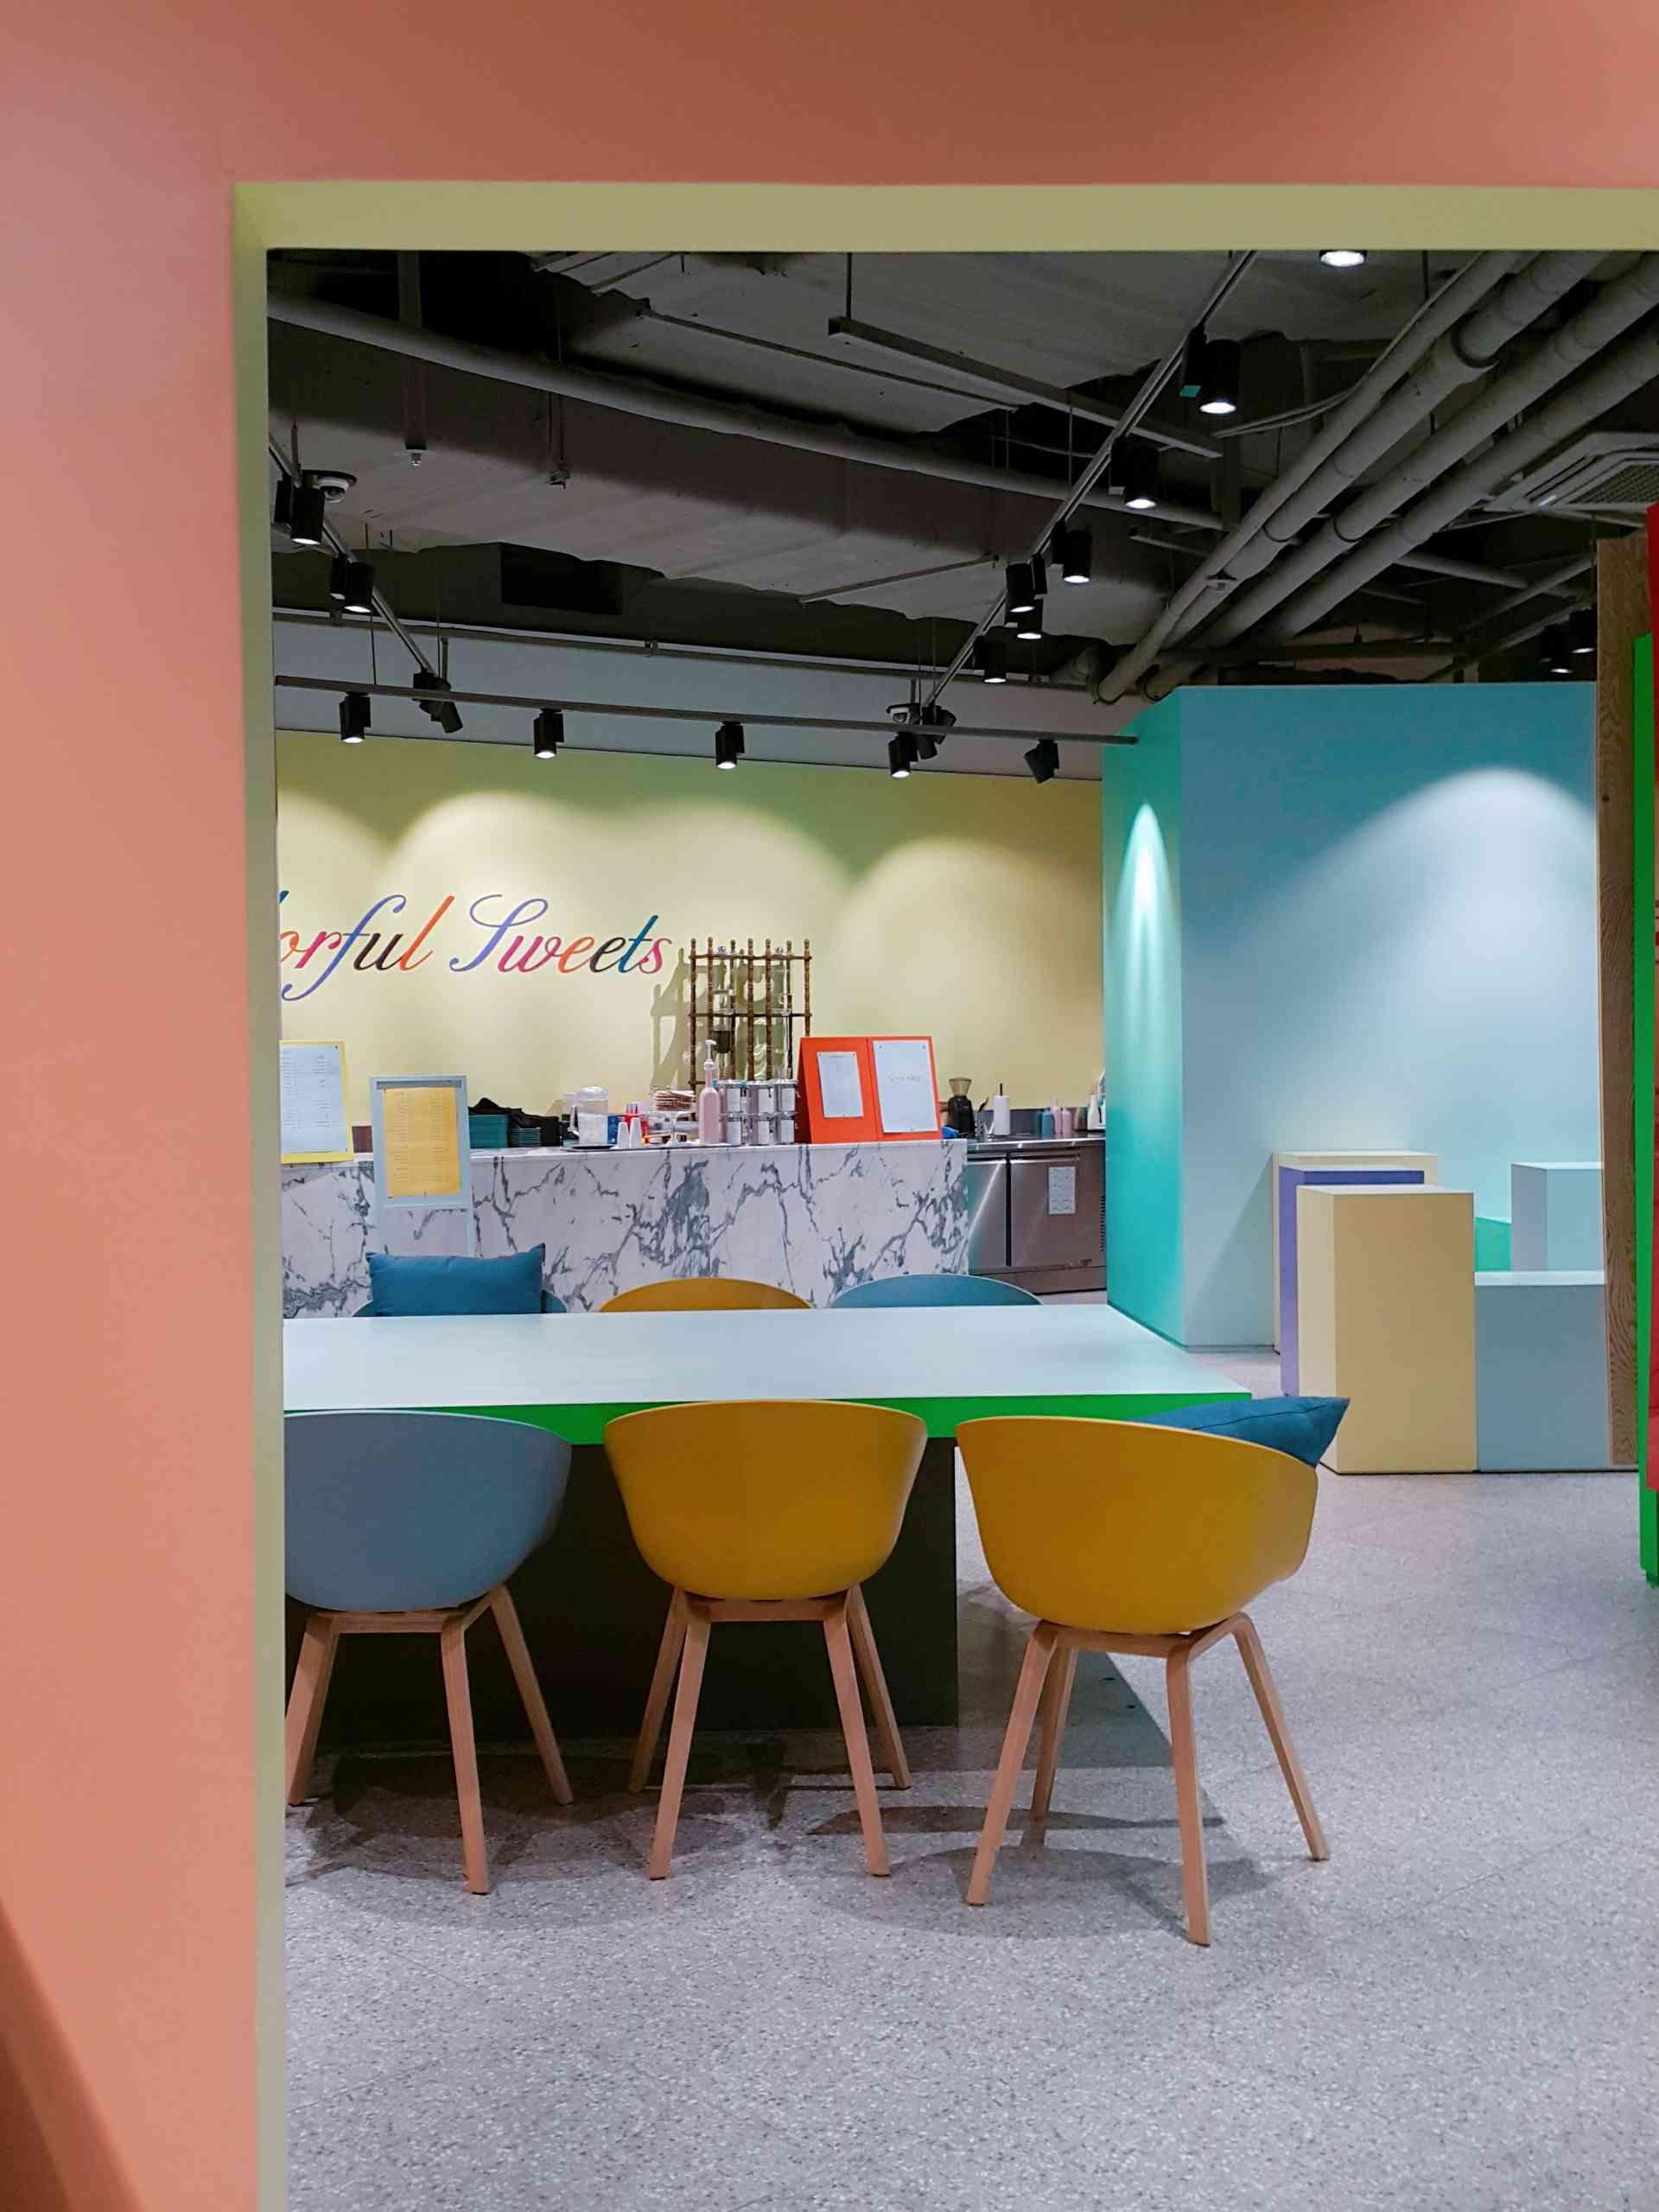 韓國近年出現了很多特色的咖啡聽,可是在傳統旅遊點之一的東大門卻甚少看到,所以今天要為大家帶大家DDP這個充滿時尚設計感的地方裡面的一家咖啡廳!